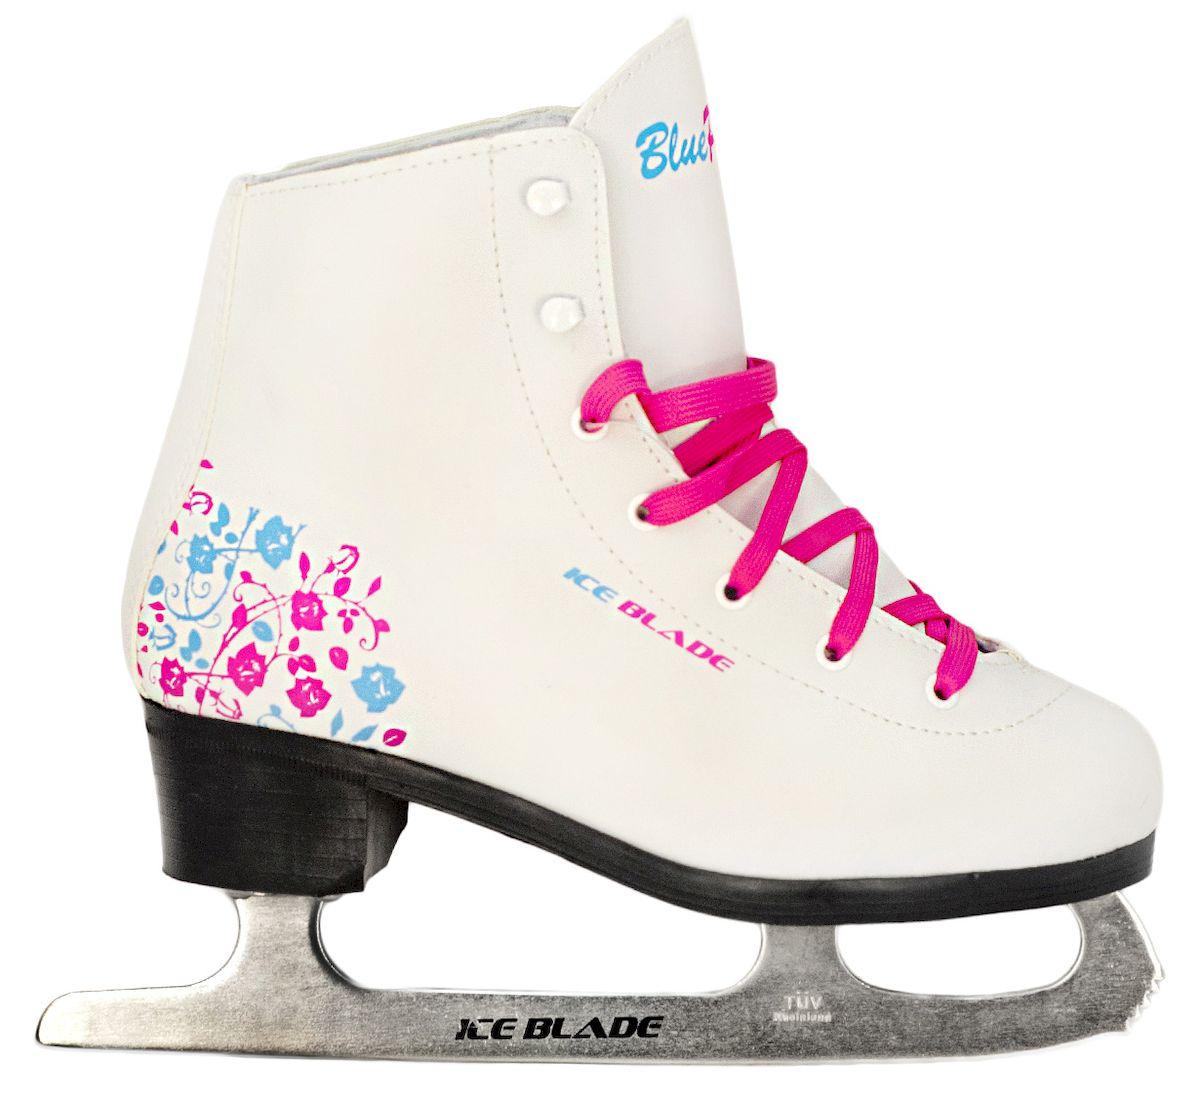 Коньки фигурные Ice Blade BluePink, цвет: белый, розовый, голубой. УТ-00006869. Размер 32